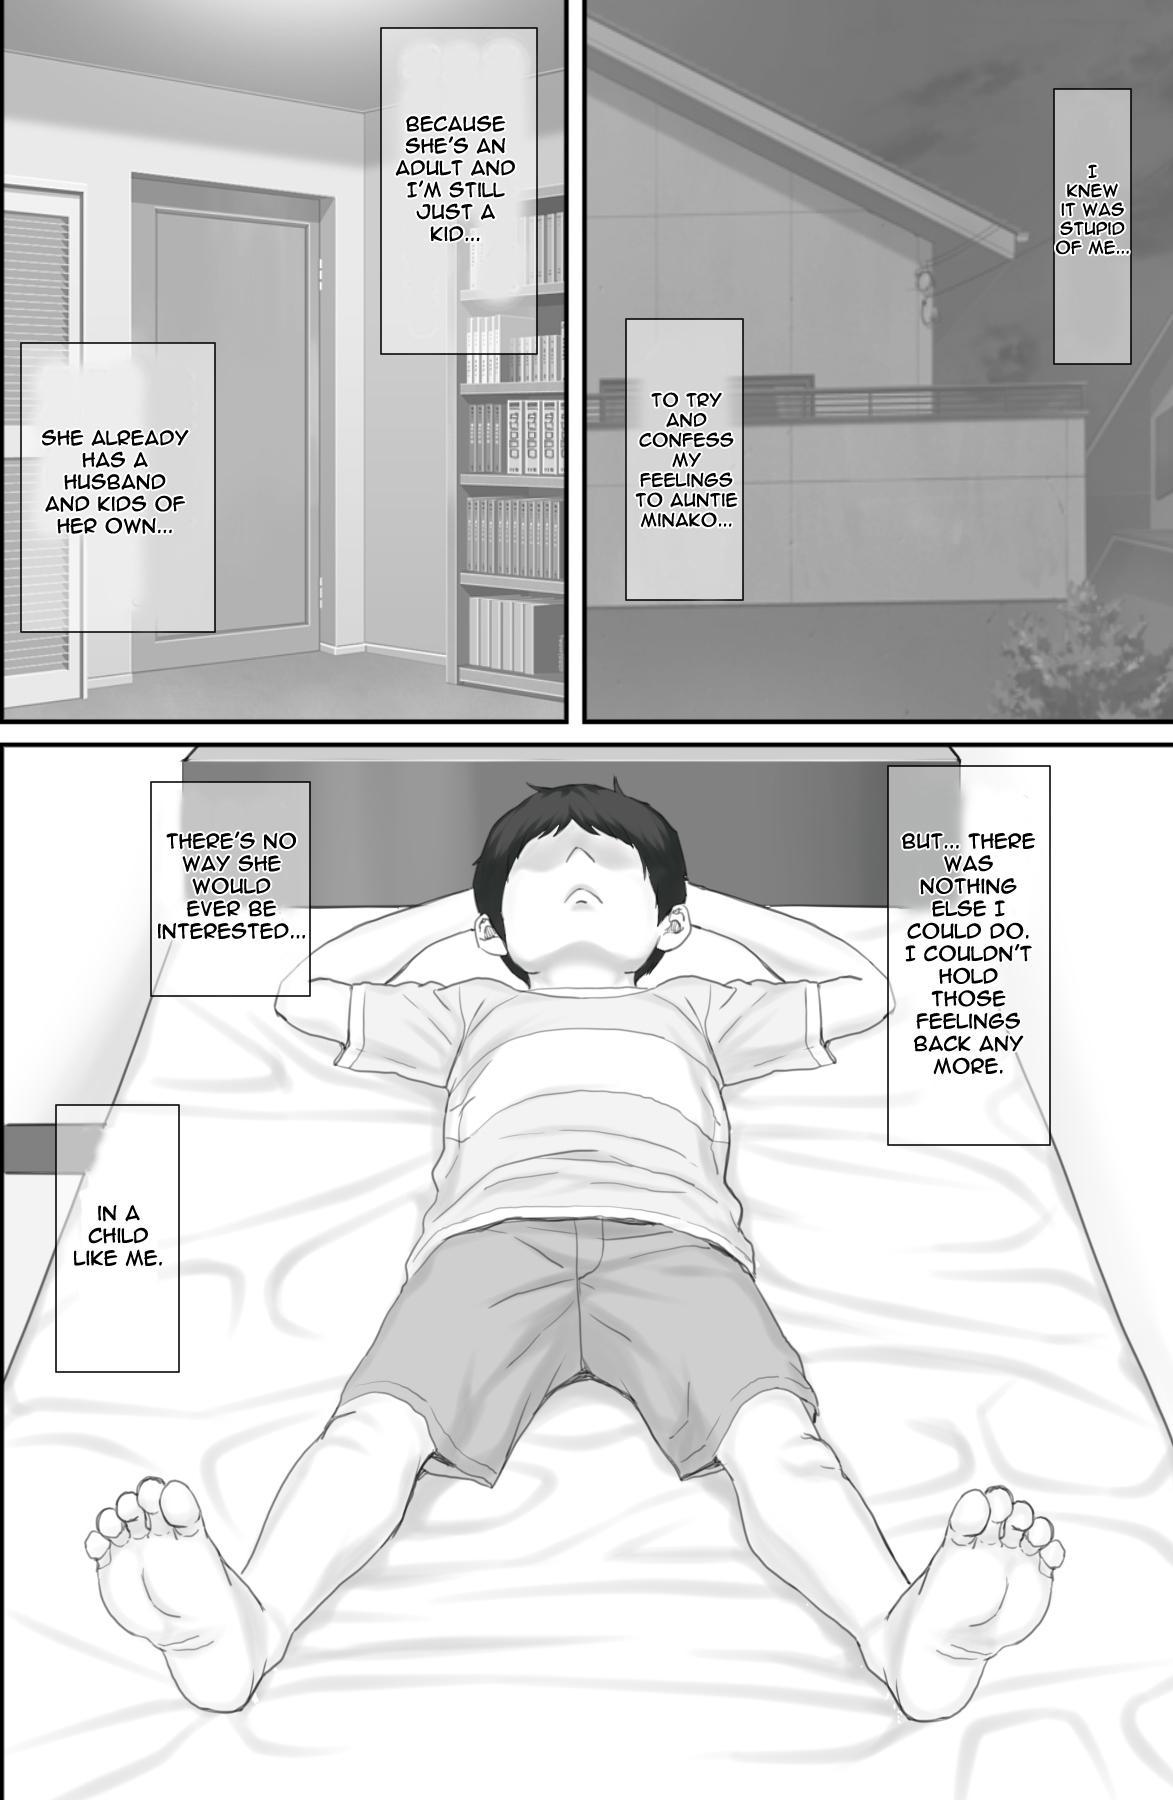 [Ponkotsu Damashii] Boku no Kanojo wa 40-sai no Hitozuma de Mama no Tomodachi | My Girlfriend is my mom's friend - A 40 year old housewife [English] [Jashinslayer] 15